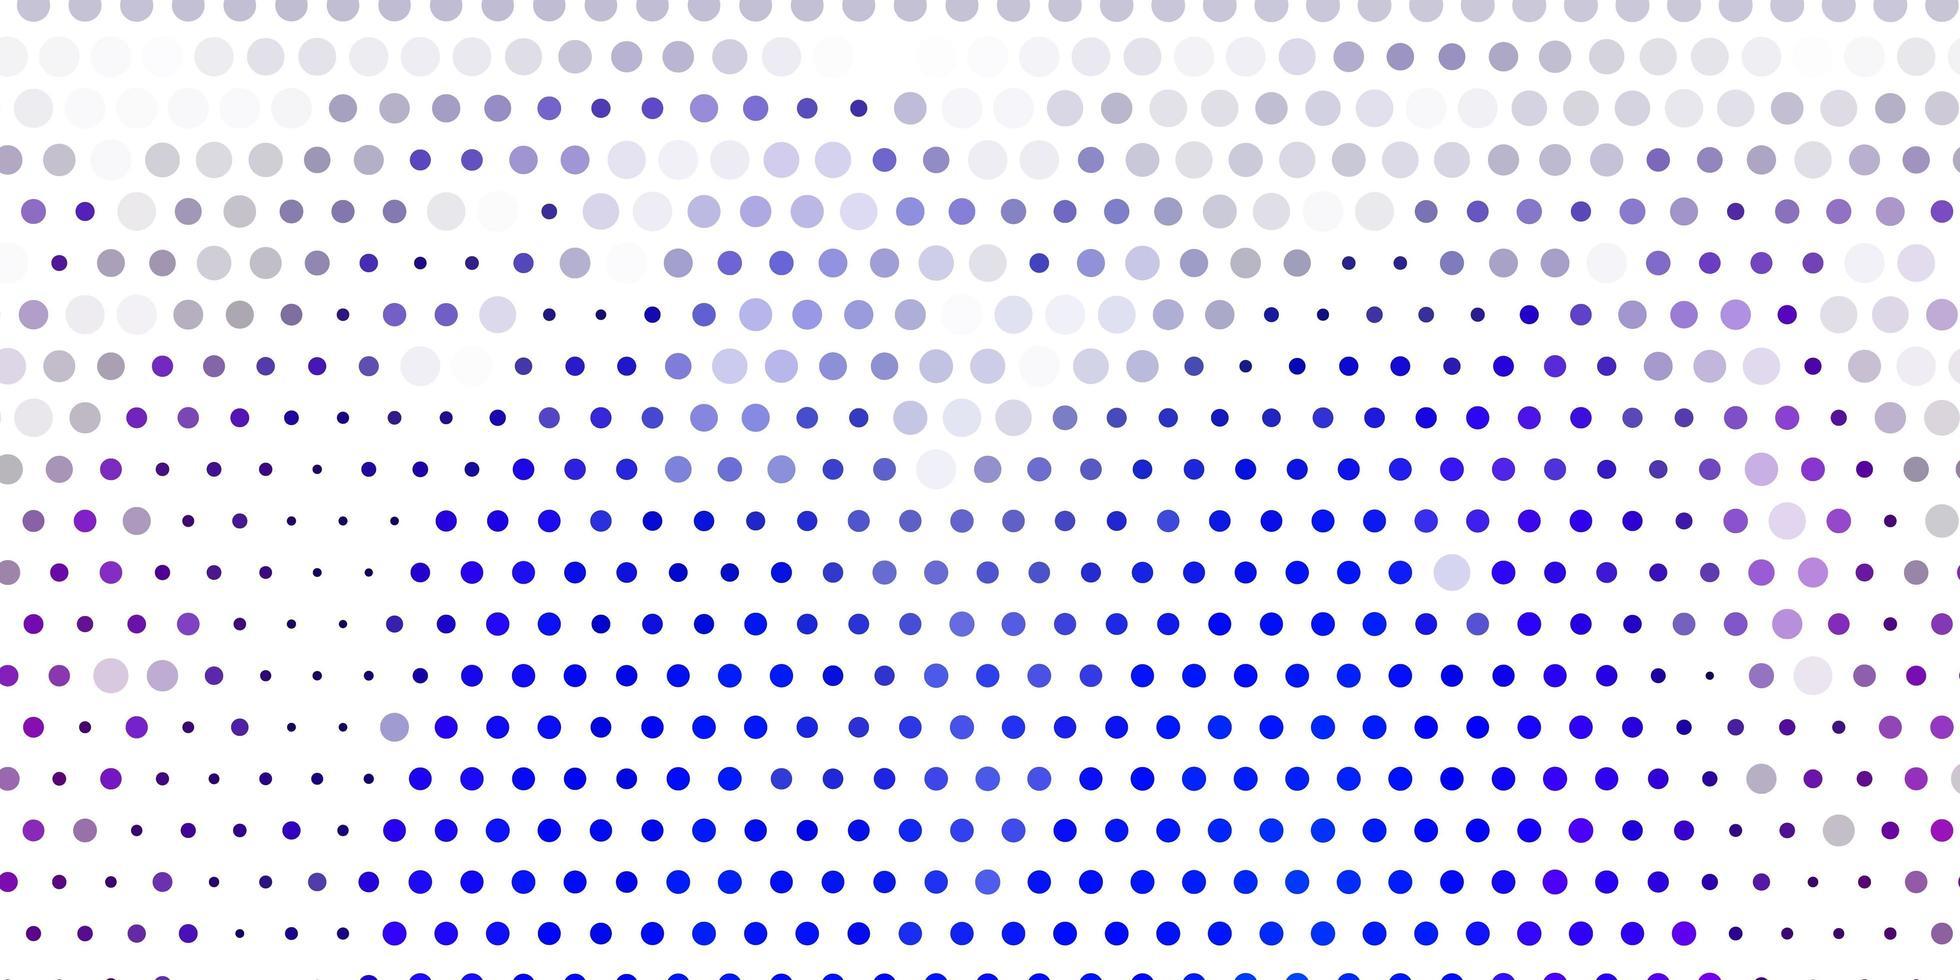 modelo de vetor rosa claro, azul com círculos.